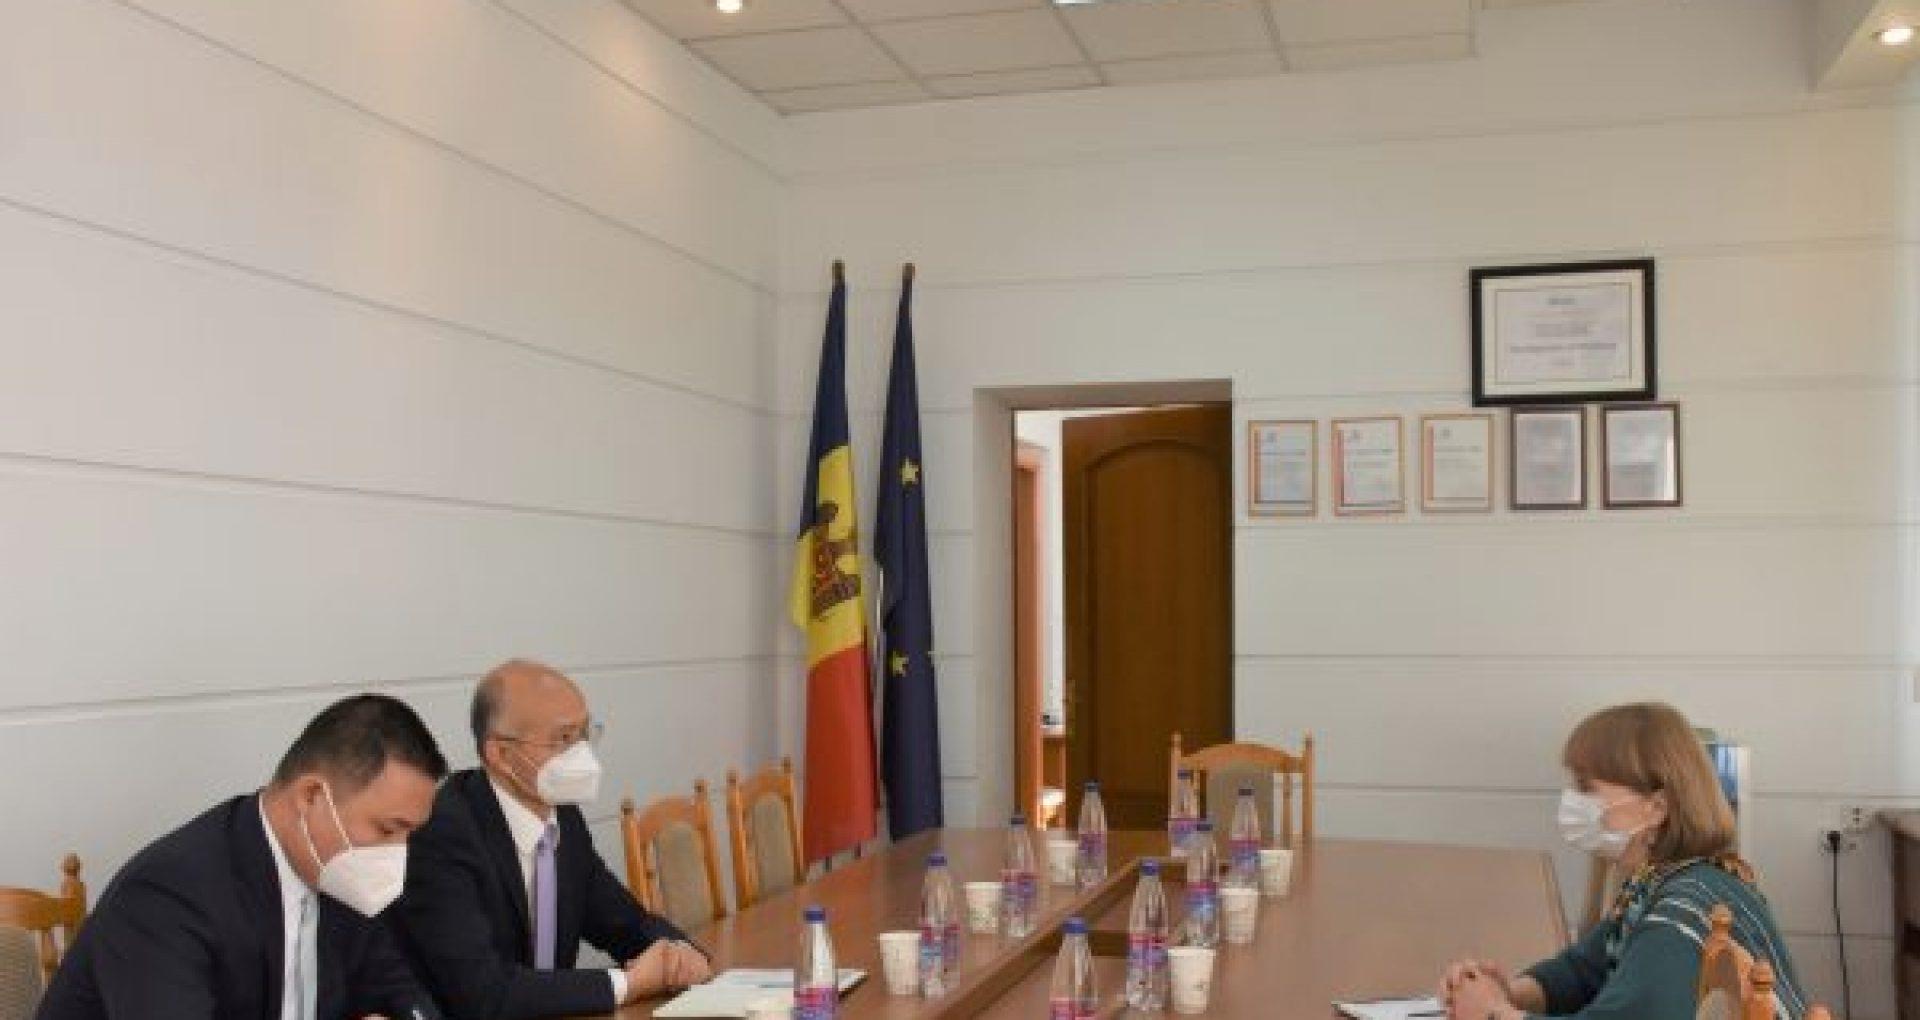 Republica Populară Chineză este gata să ofere sprijin R. Moldova pentru modernizarea instituțiilor medicale spitalicești și dotarea acestora cu echipamente, anunță MS